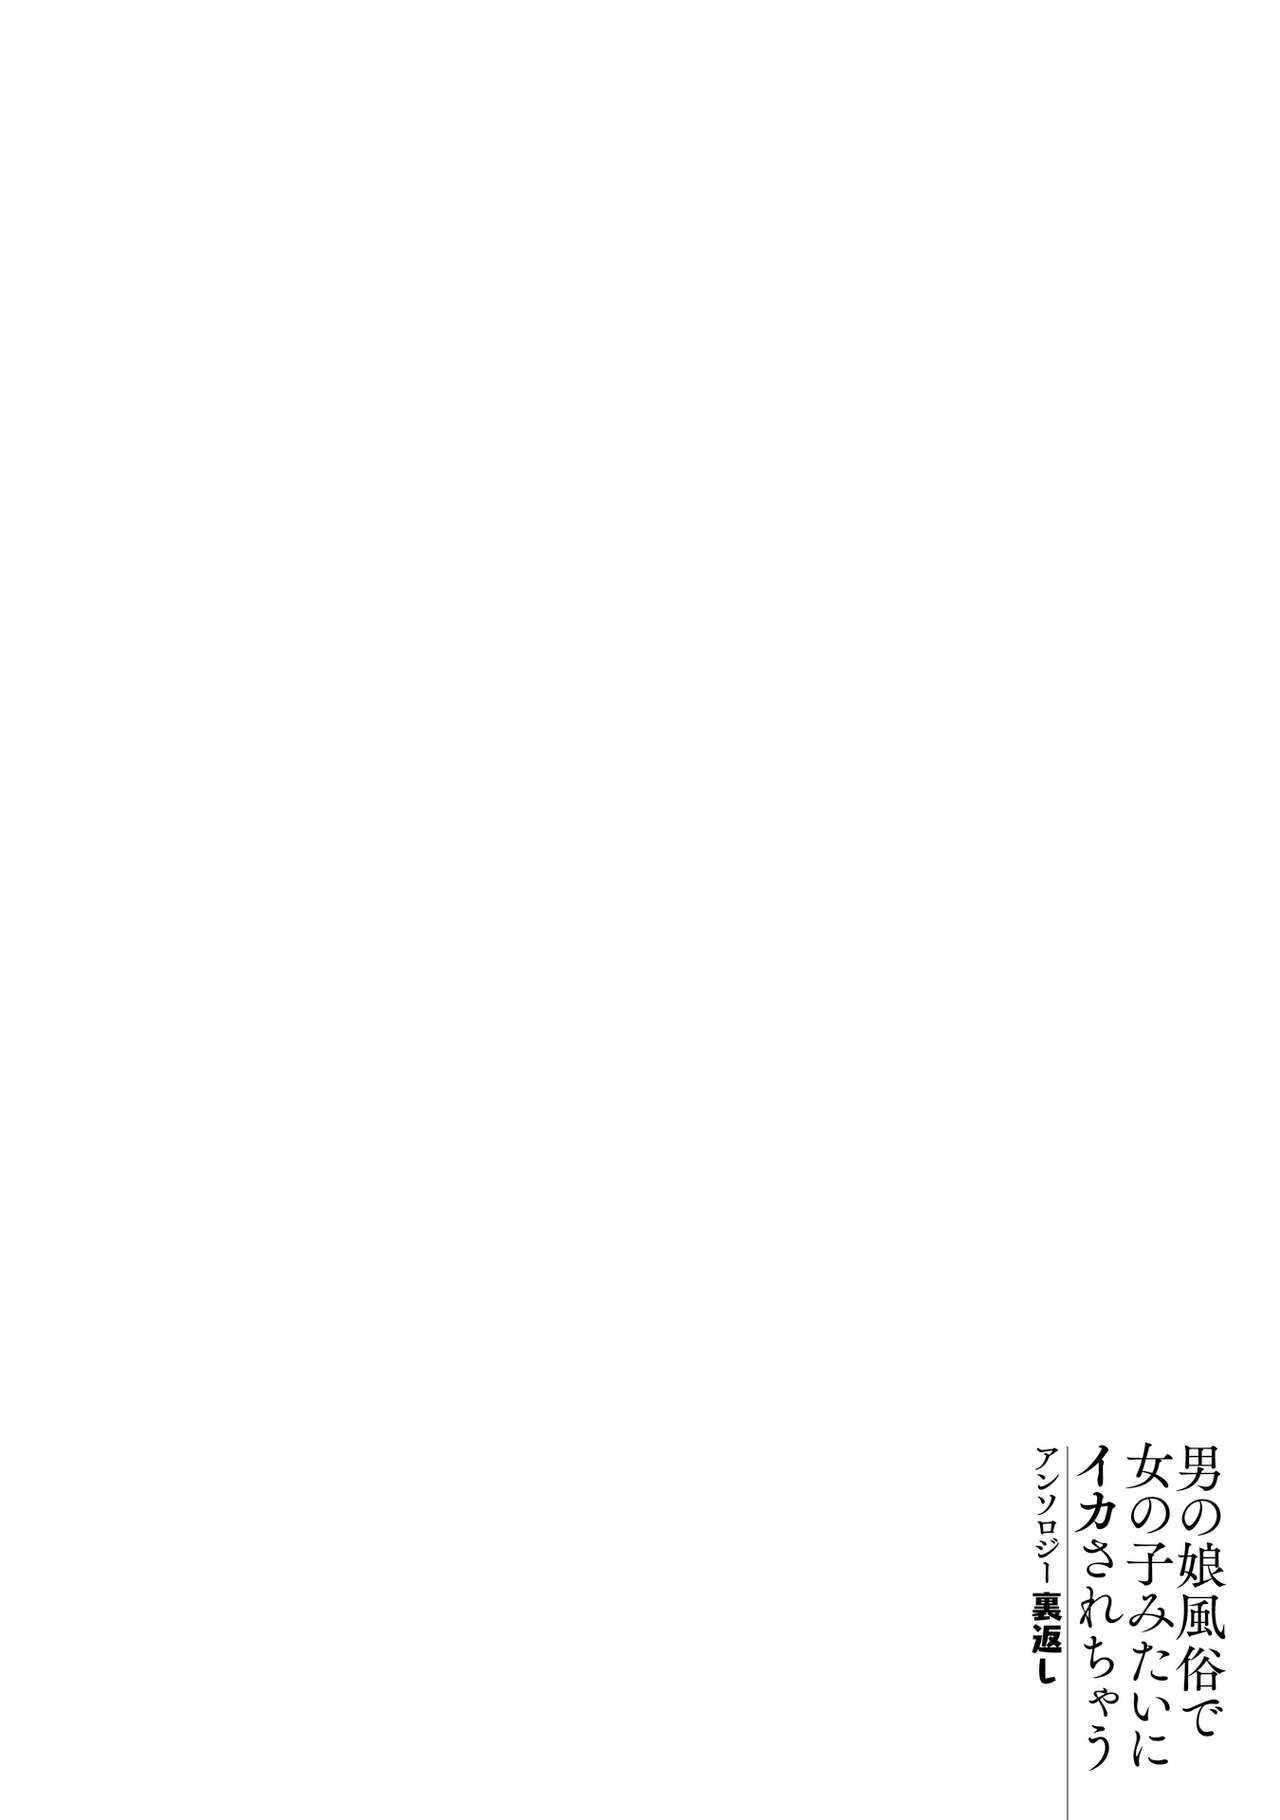 Otokonoko Fuuzoku de Onnanoko Mitai ni Ikasarechau Anthology 2 uragaeshi 25